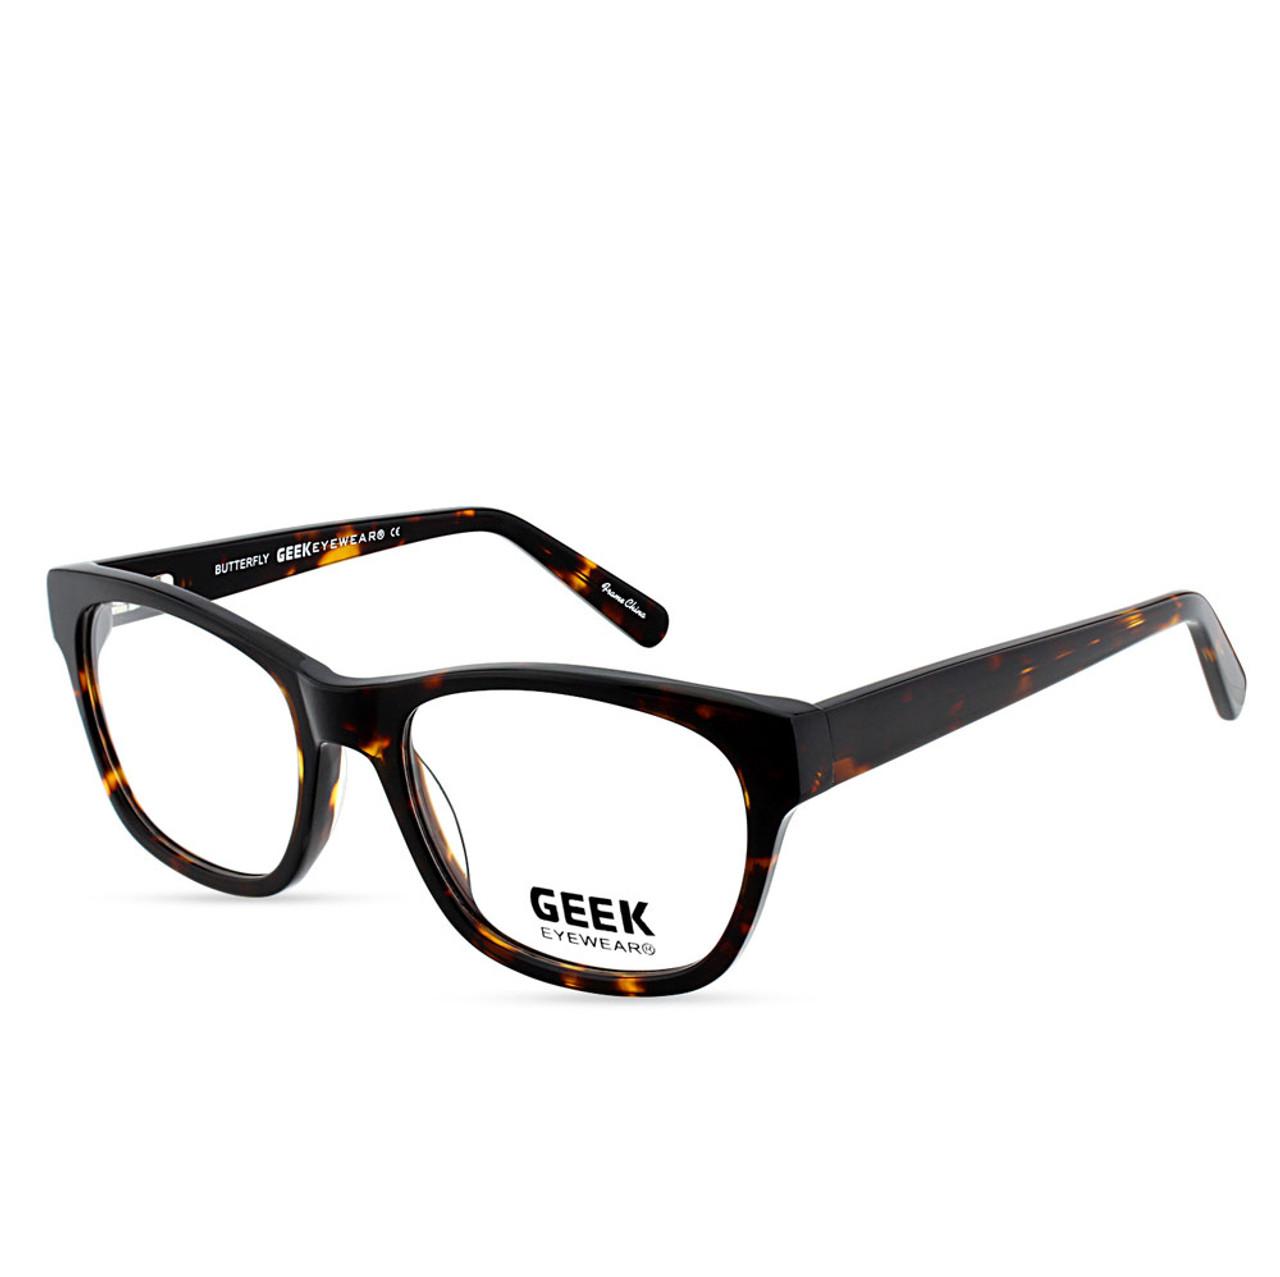 GEEK Eyewear GEEK Butterfly